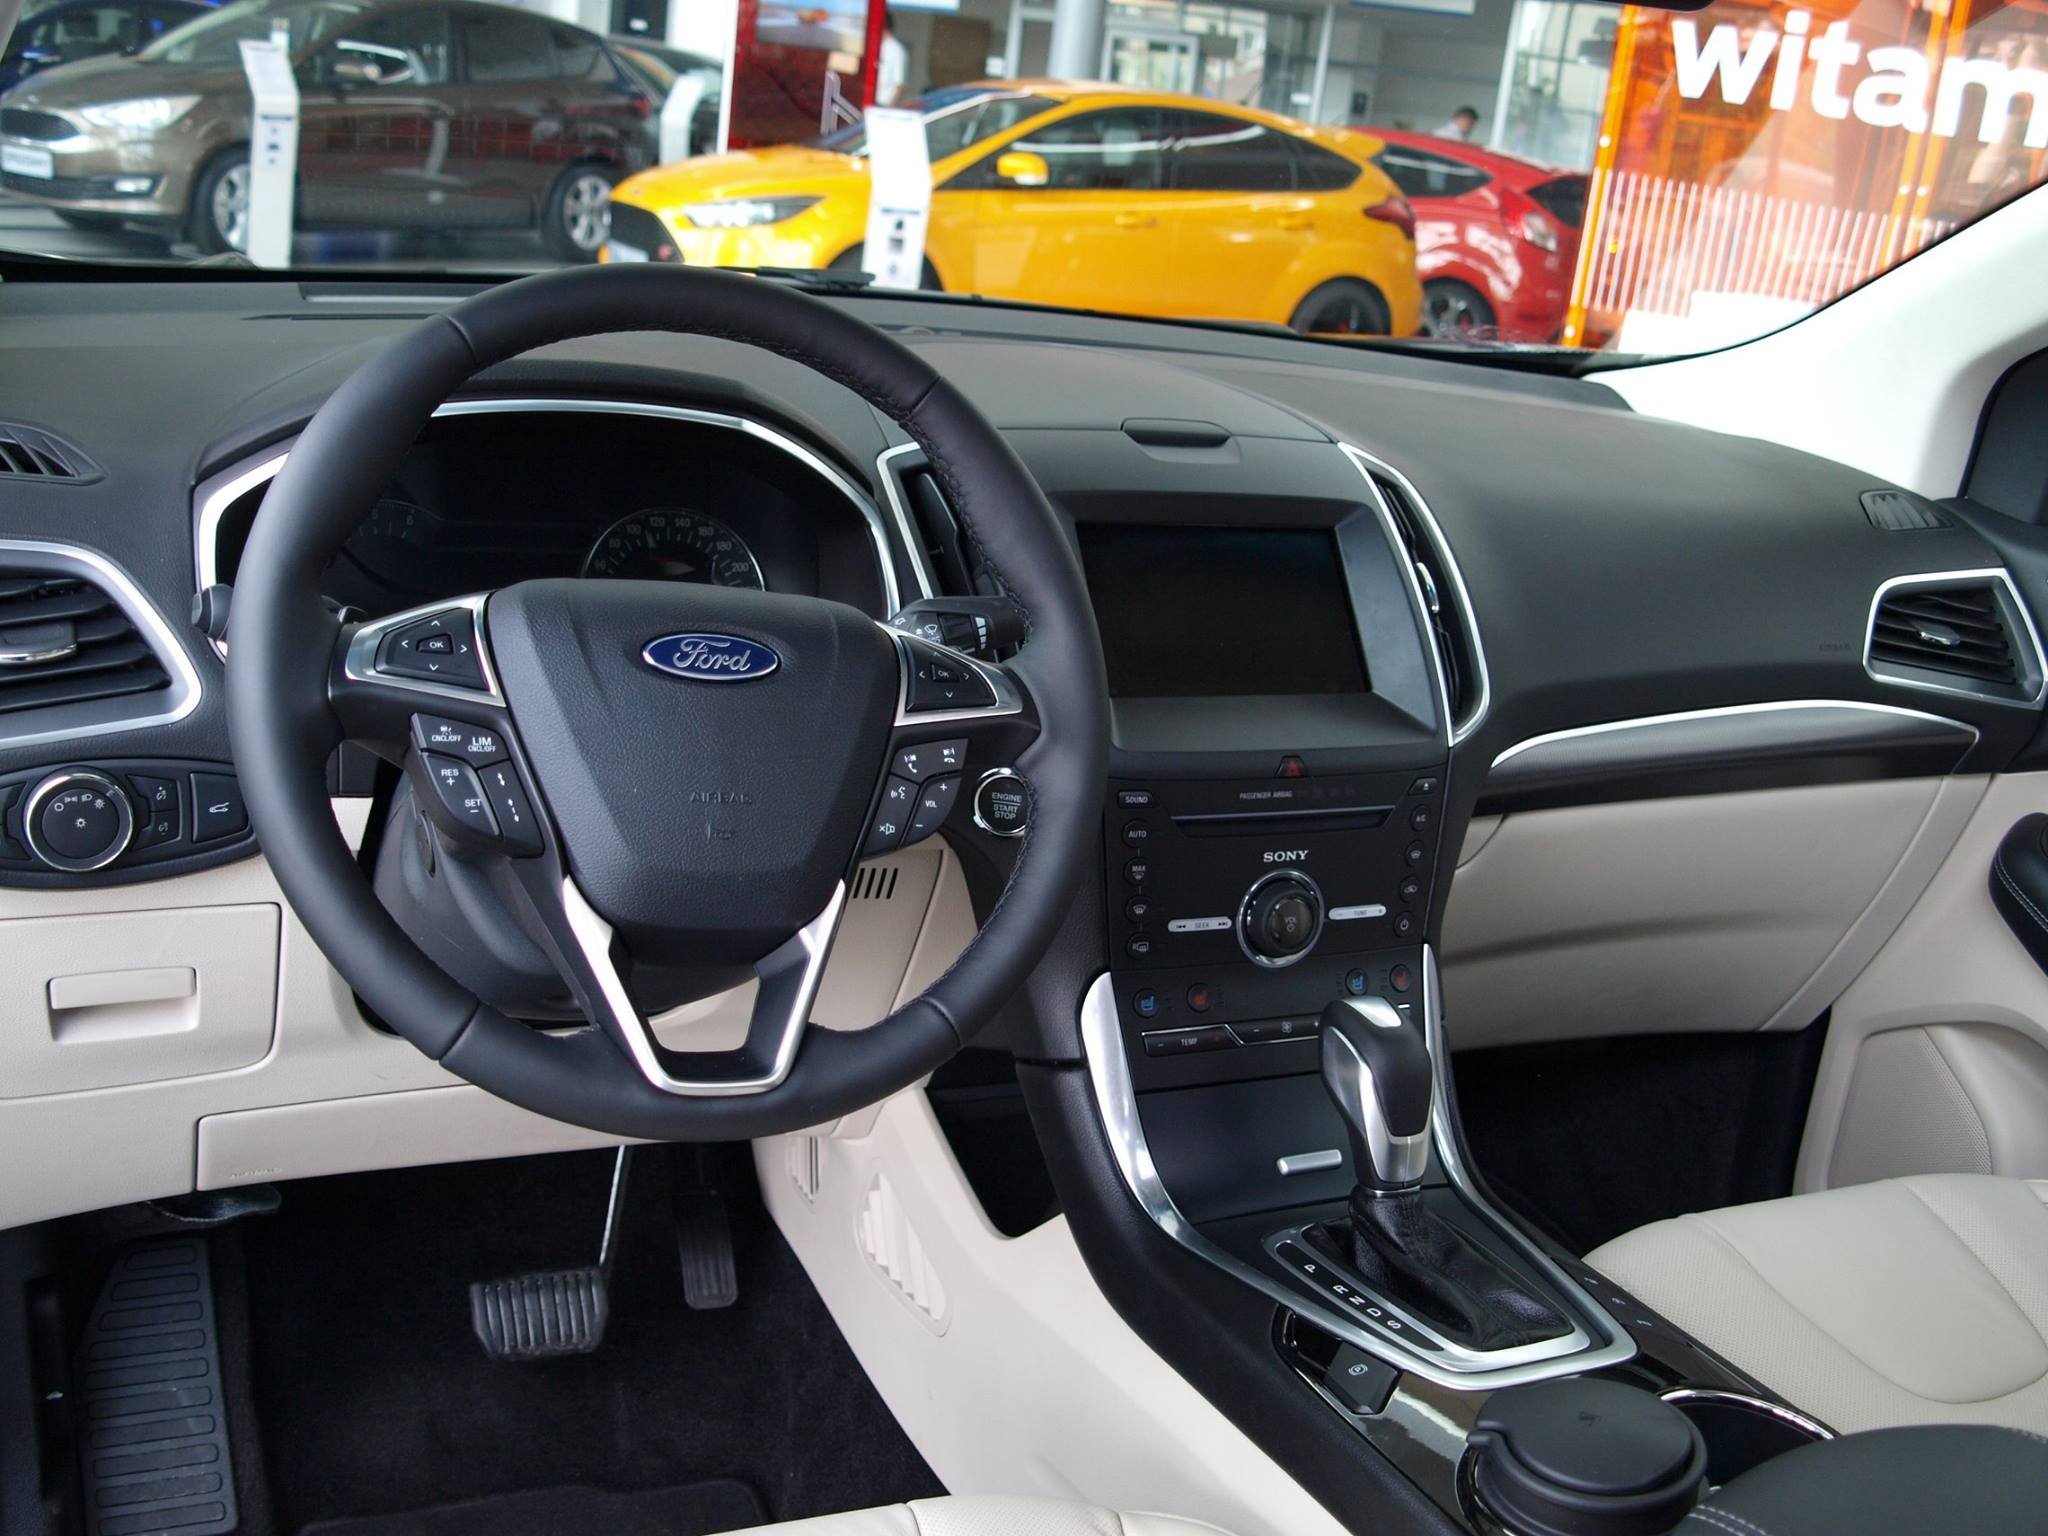 Nowy Suv Od Forda Zagoscil W Euro Car Gdynia Moto3m Pl